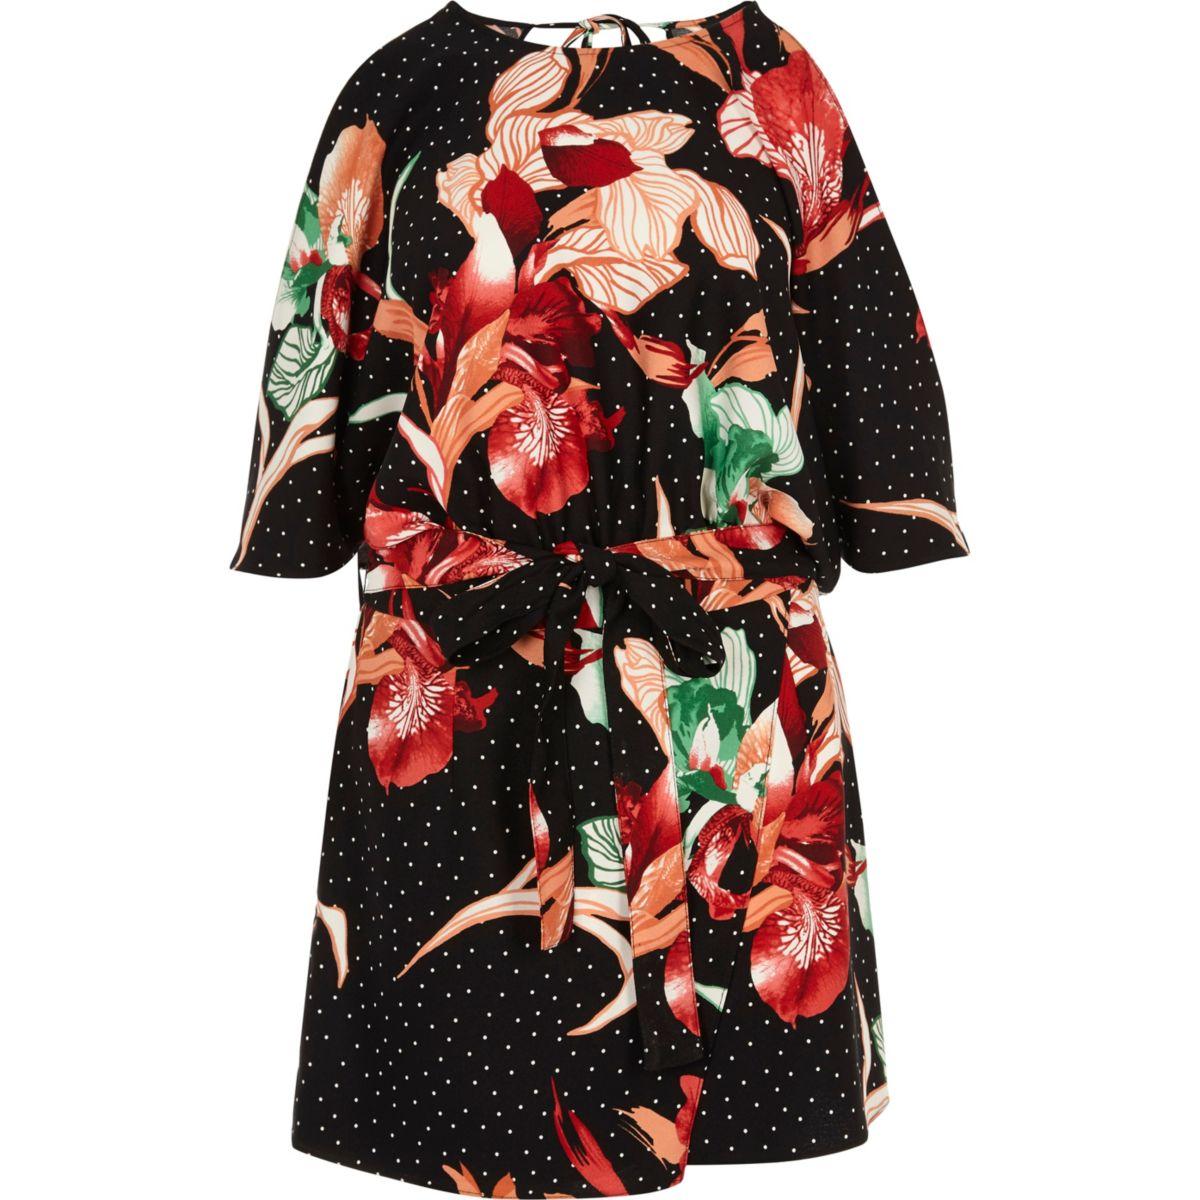 Black floral cold shoulder skort playsuit